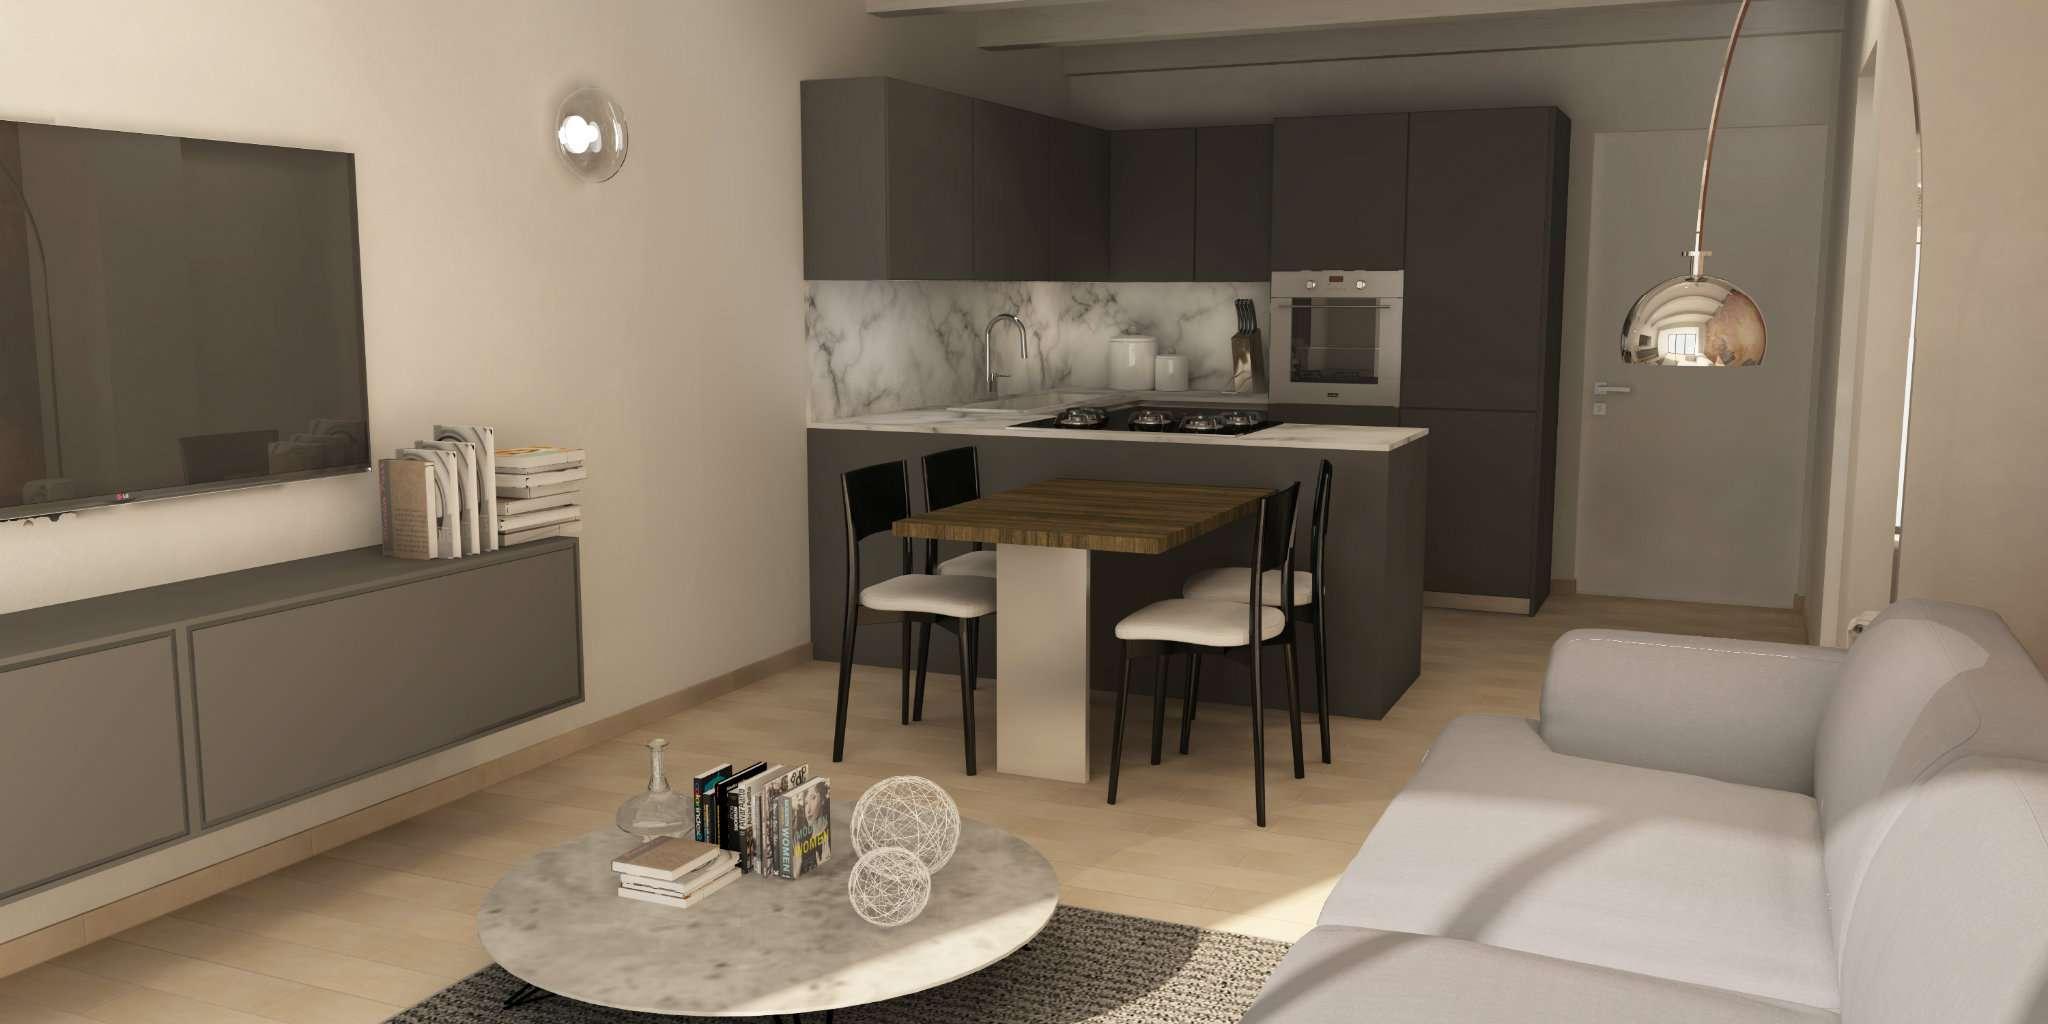 Appartamento in vendita a Meda, 3 locali, prezzo € 135.000 | PortaleAgenzieImmobiliari.it